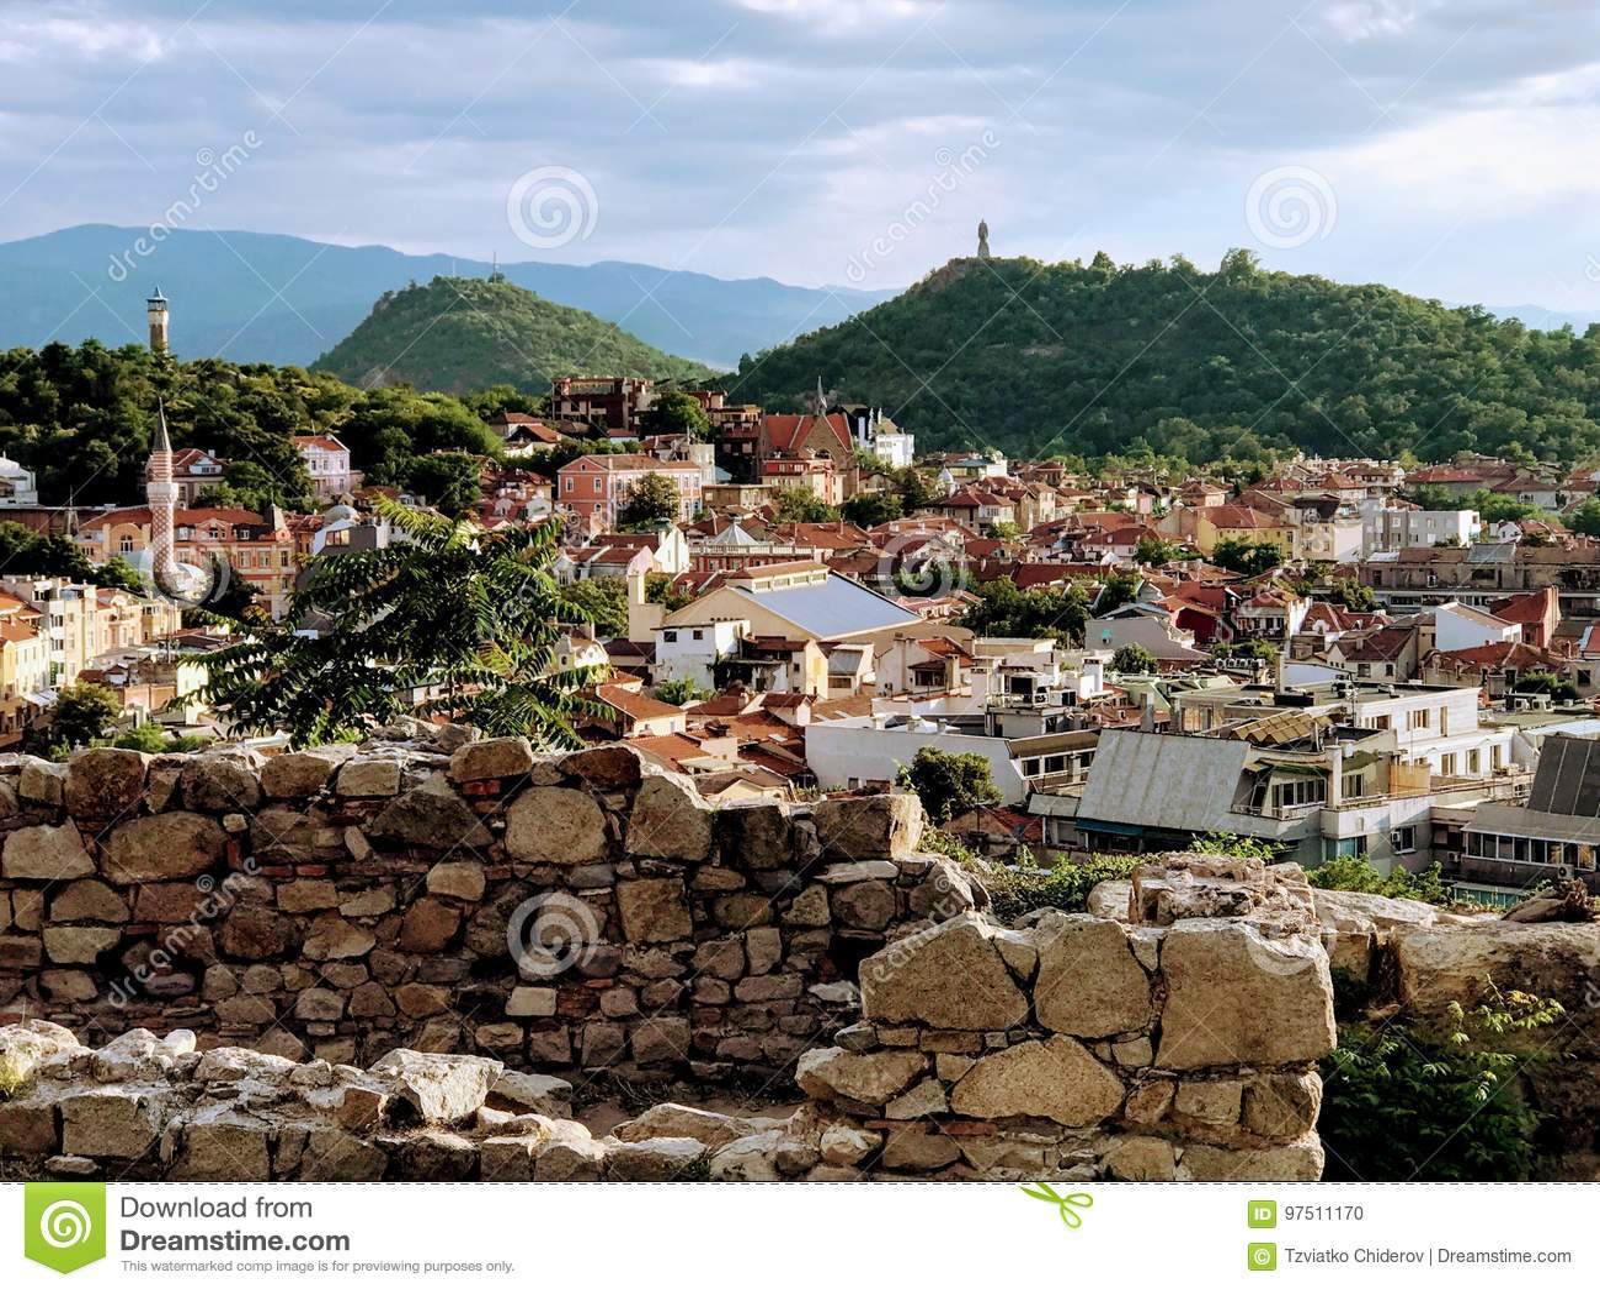 Stadtansicht von der Spitze eines Hügels